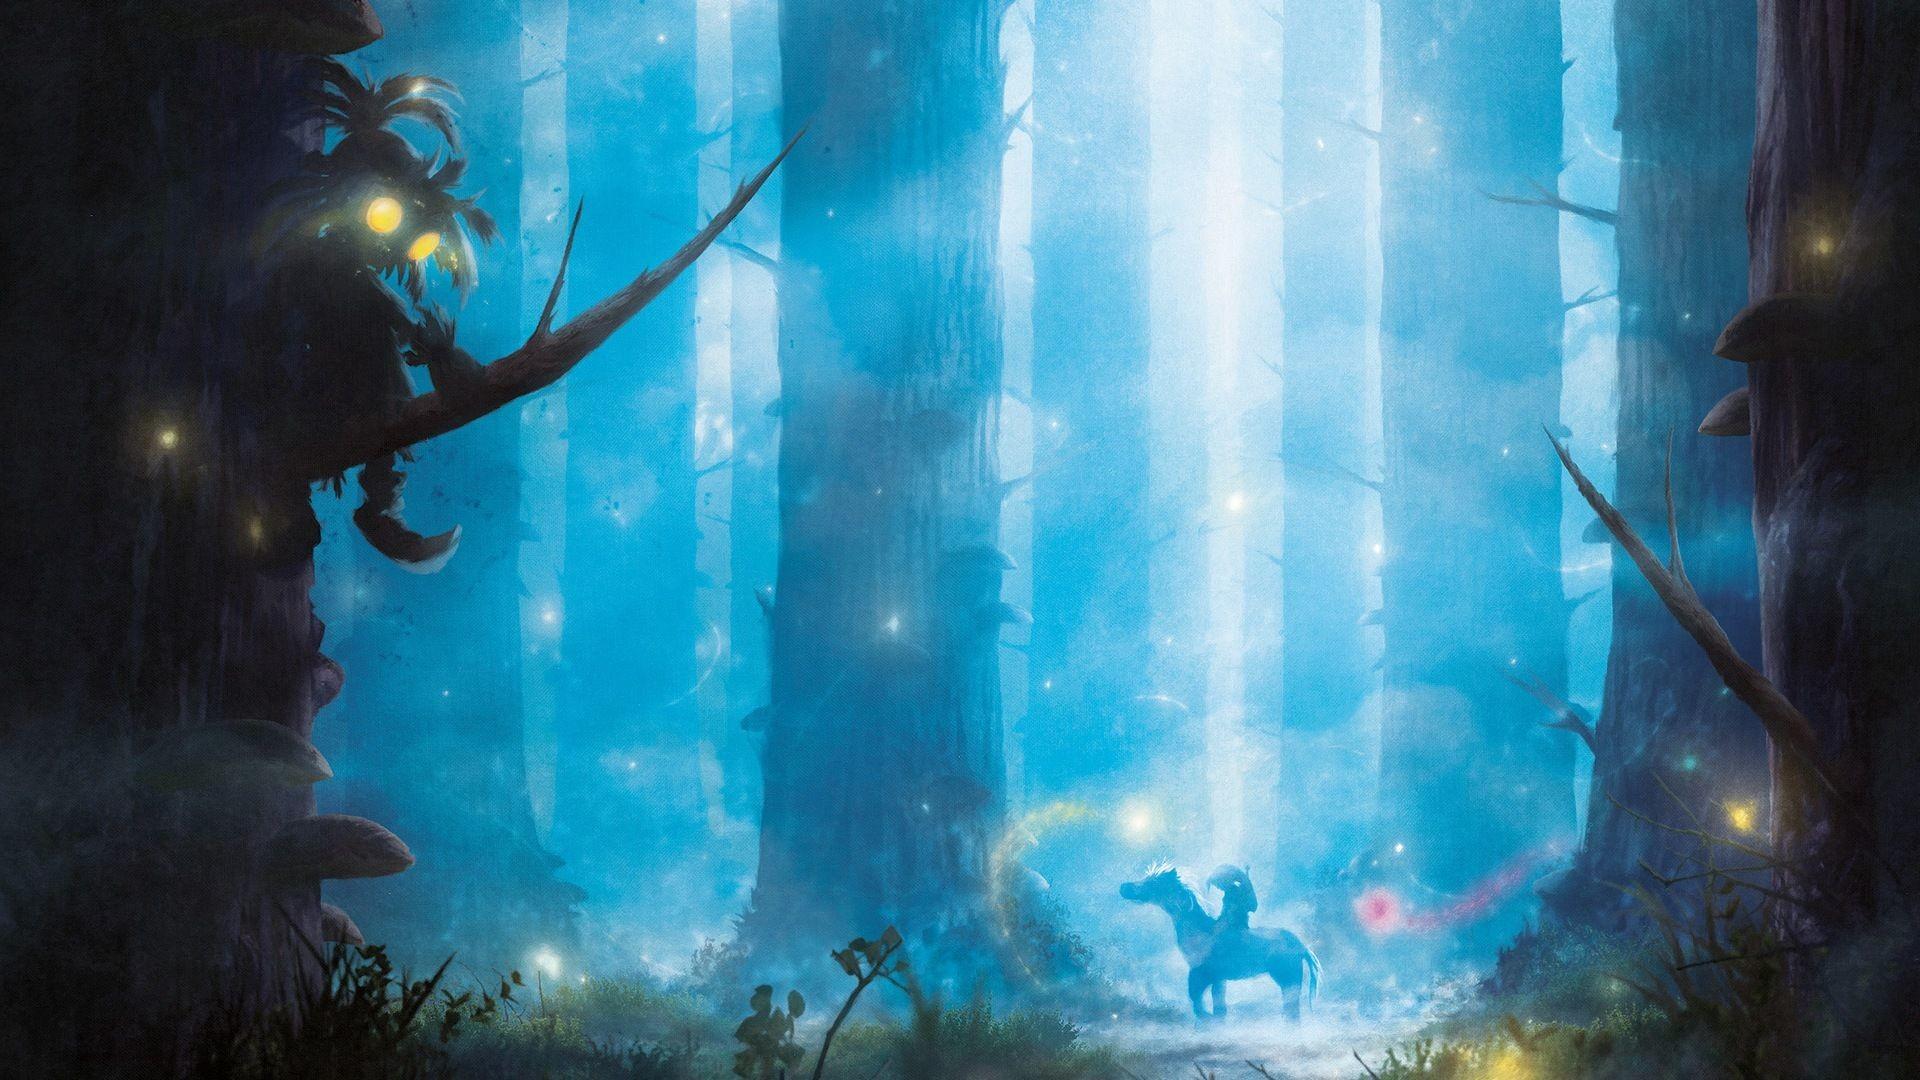 Zelda Wallpaper Hd 70 Images